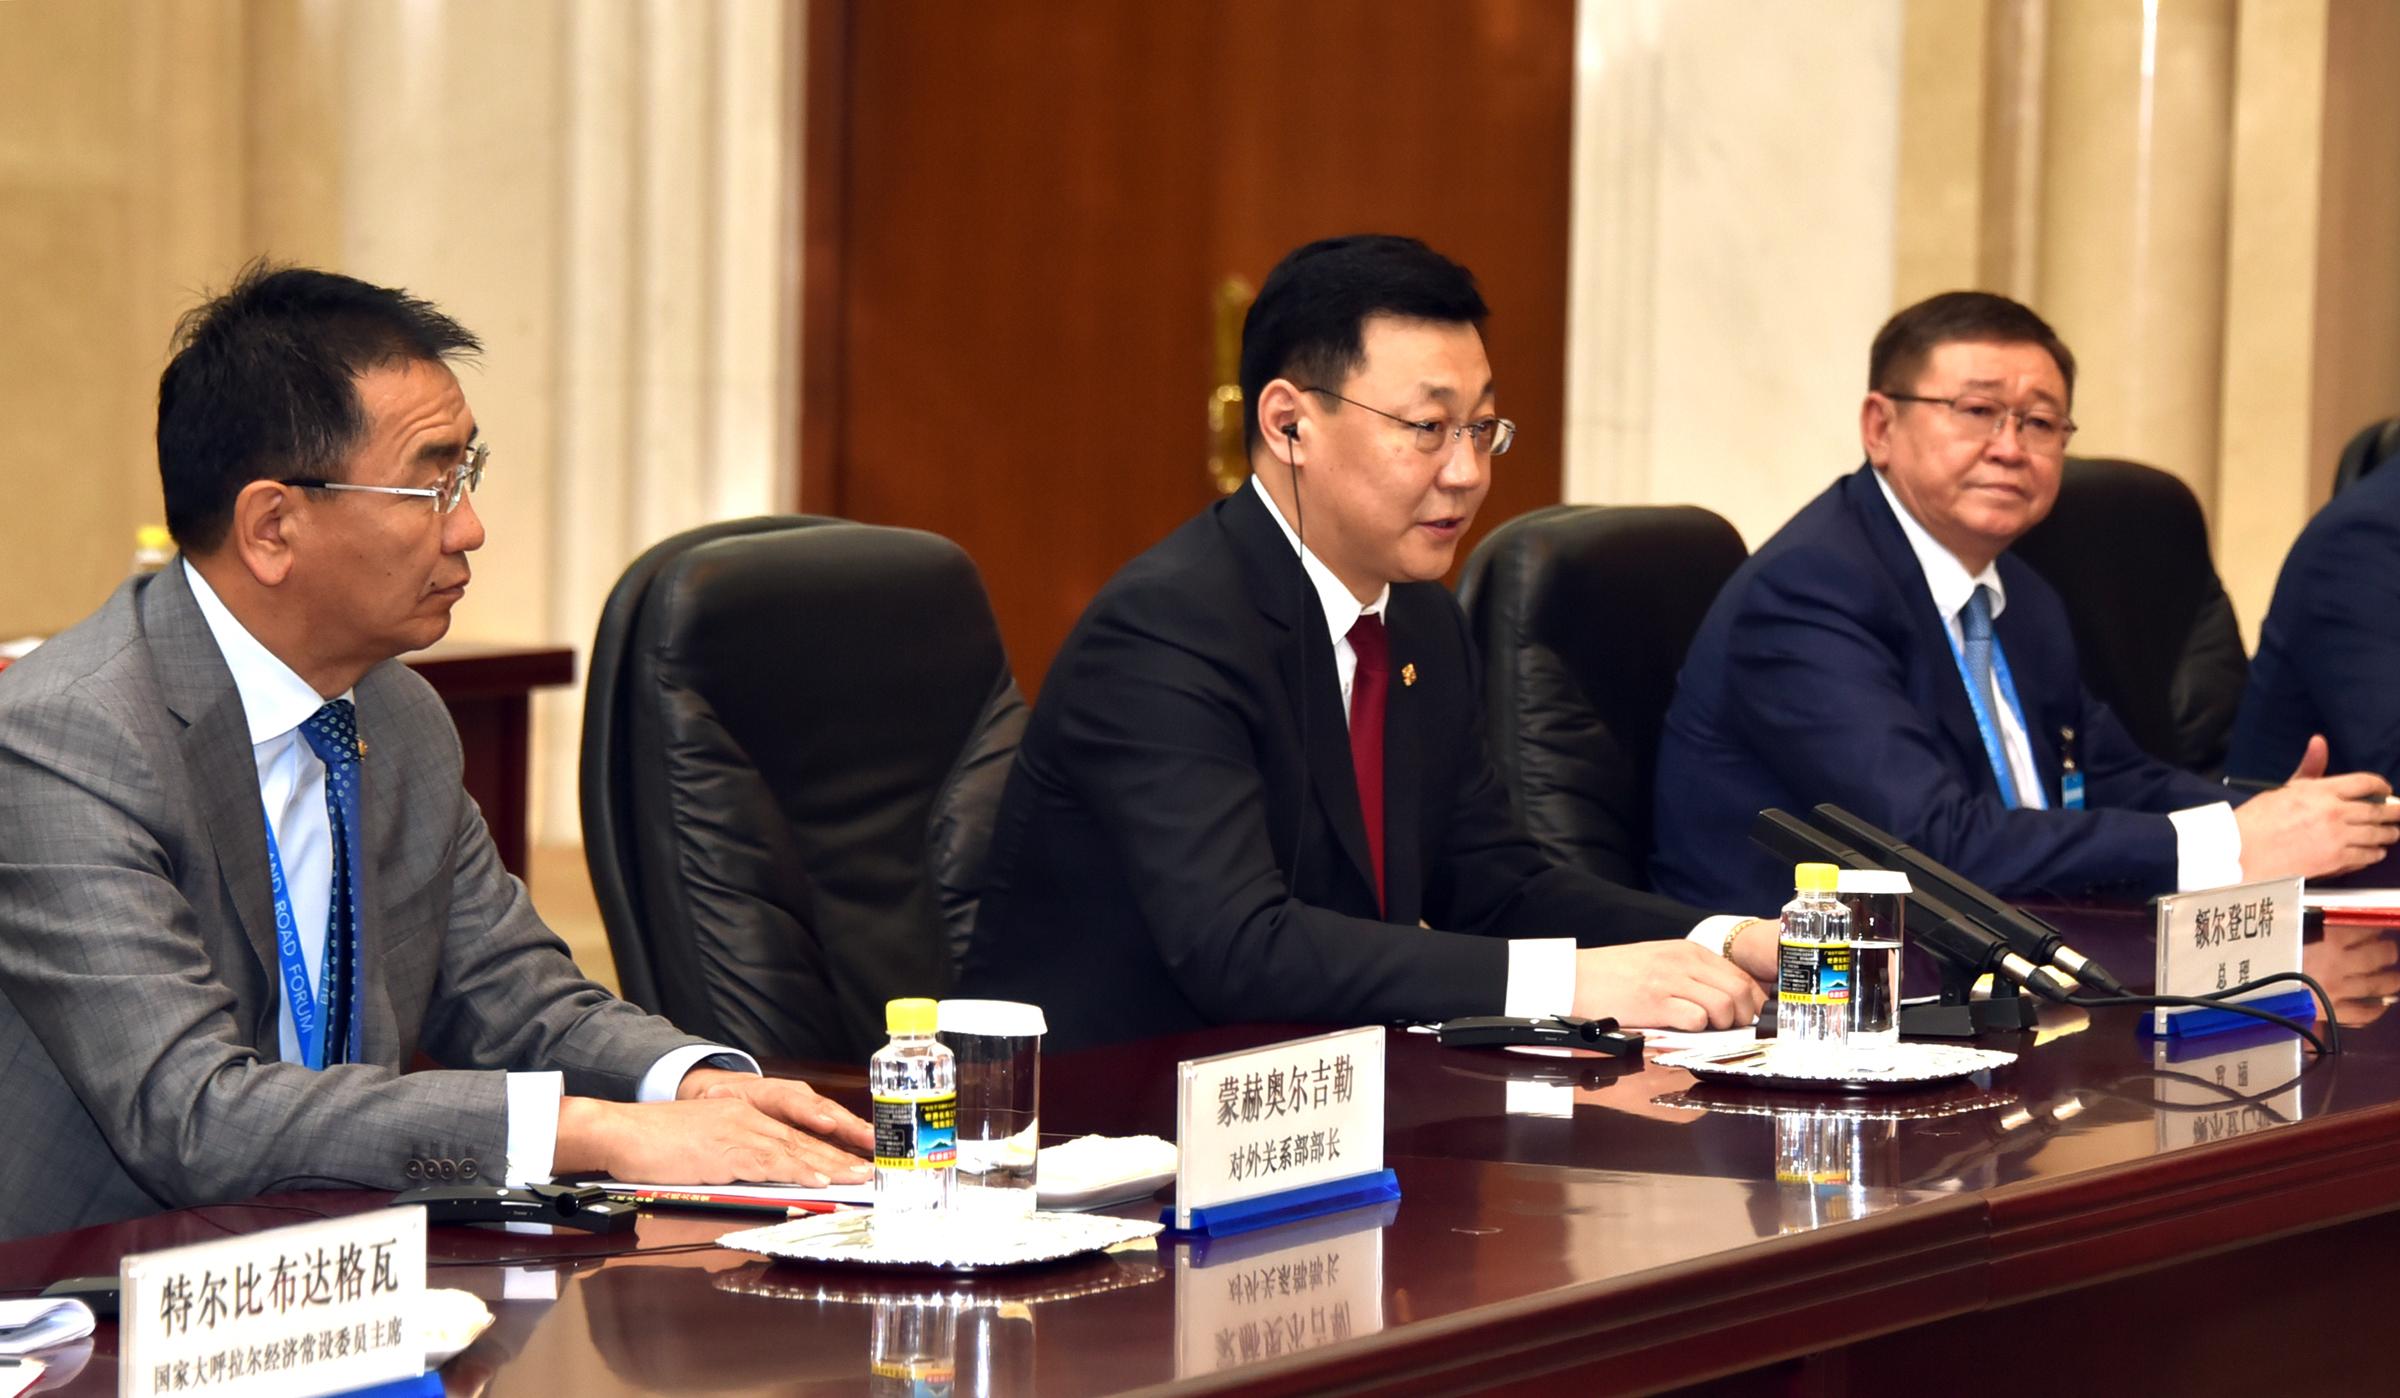 a23b296a70c864a872c0847da4462f84 Монгол Улсын Ерөнхий сайд Ж.Эрдэнэбат, БНХАУ-ын Төрийн Зөвлөлийн Ерөнхий сайд Ли Көчянтай нар албан ёсны хэлэлцээ хийв